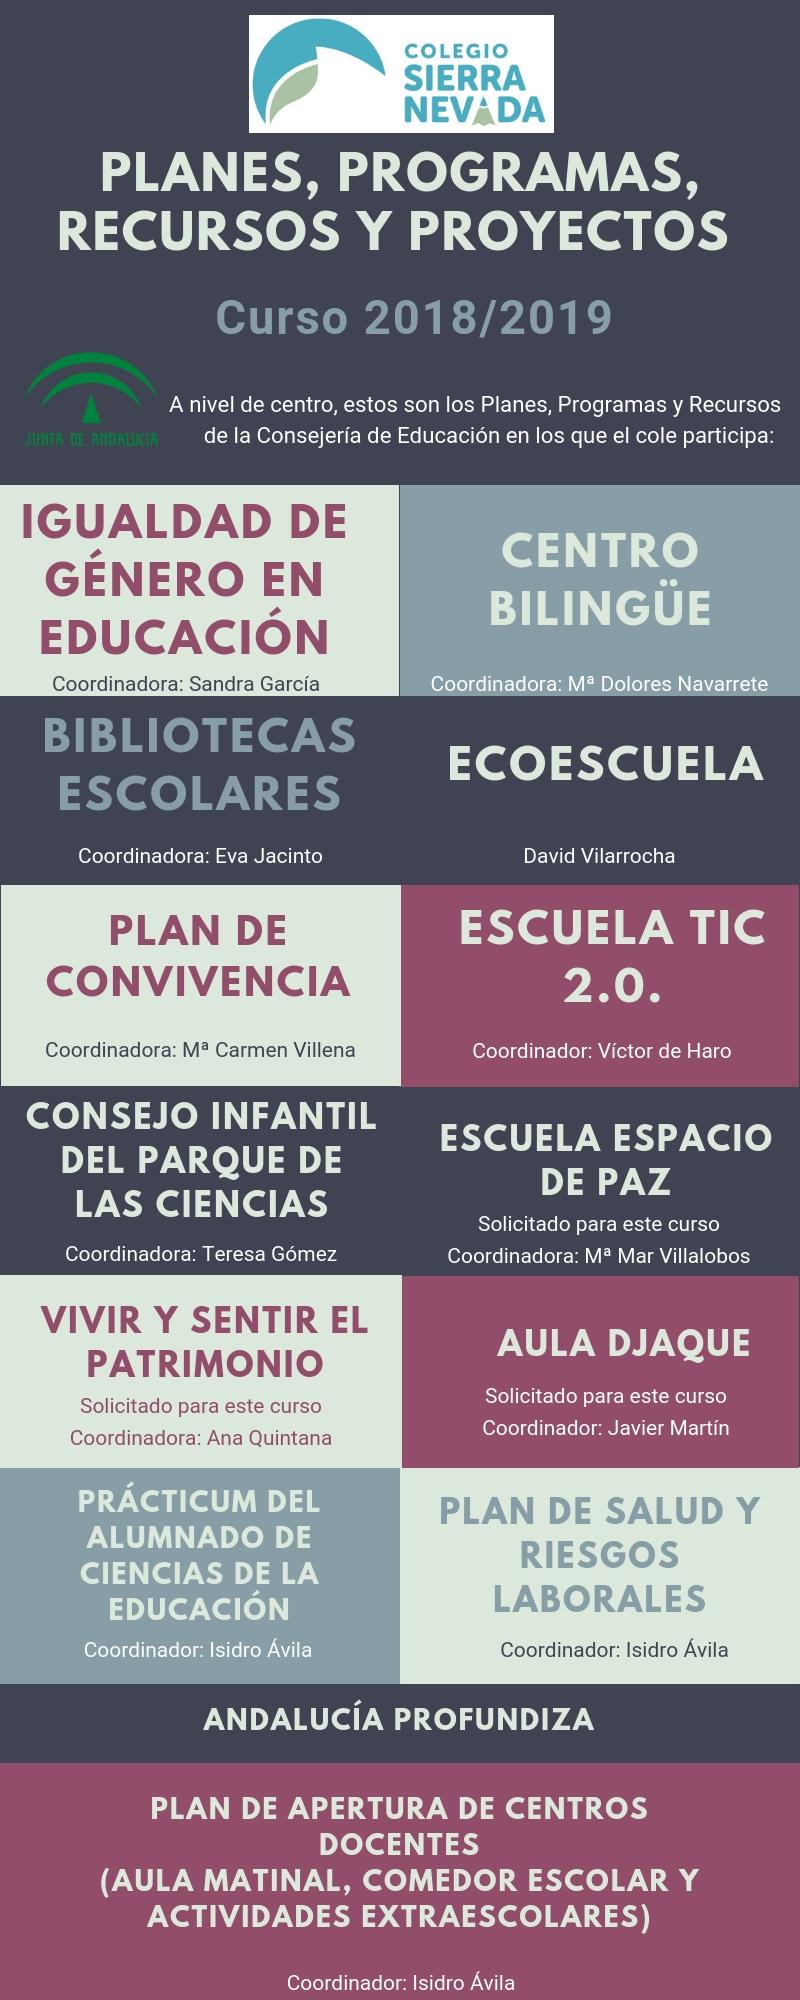 planes y proyectos (1)